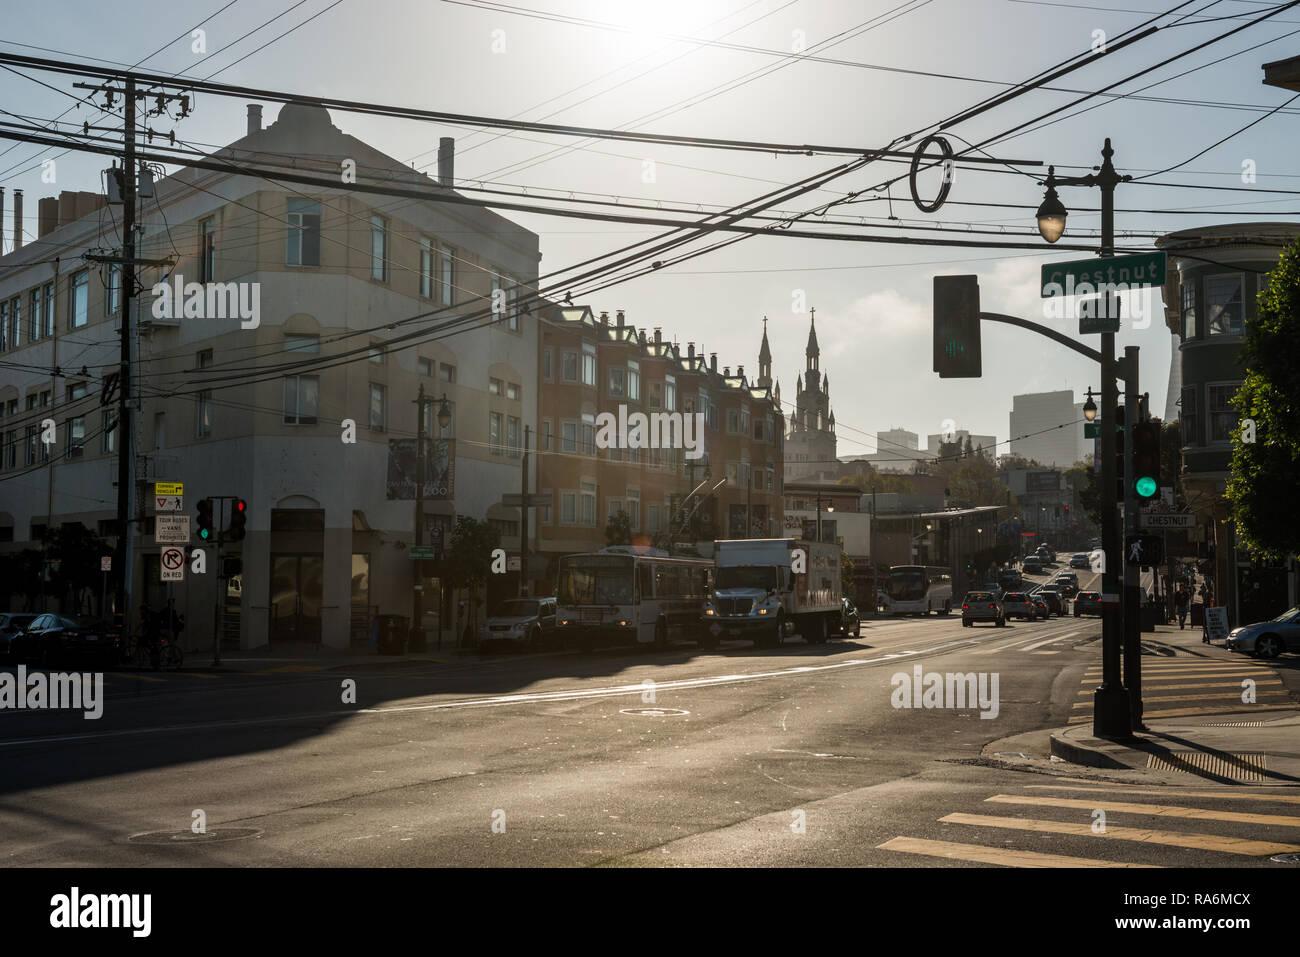 Blick auf eine typische Straße in San Francisco, Kalifornien, USA Stockbild